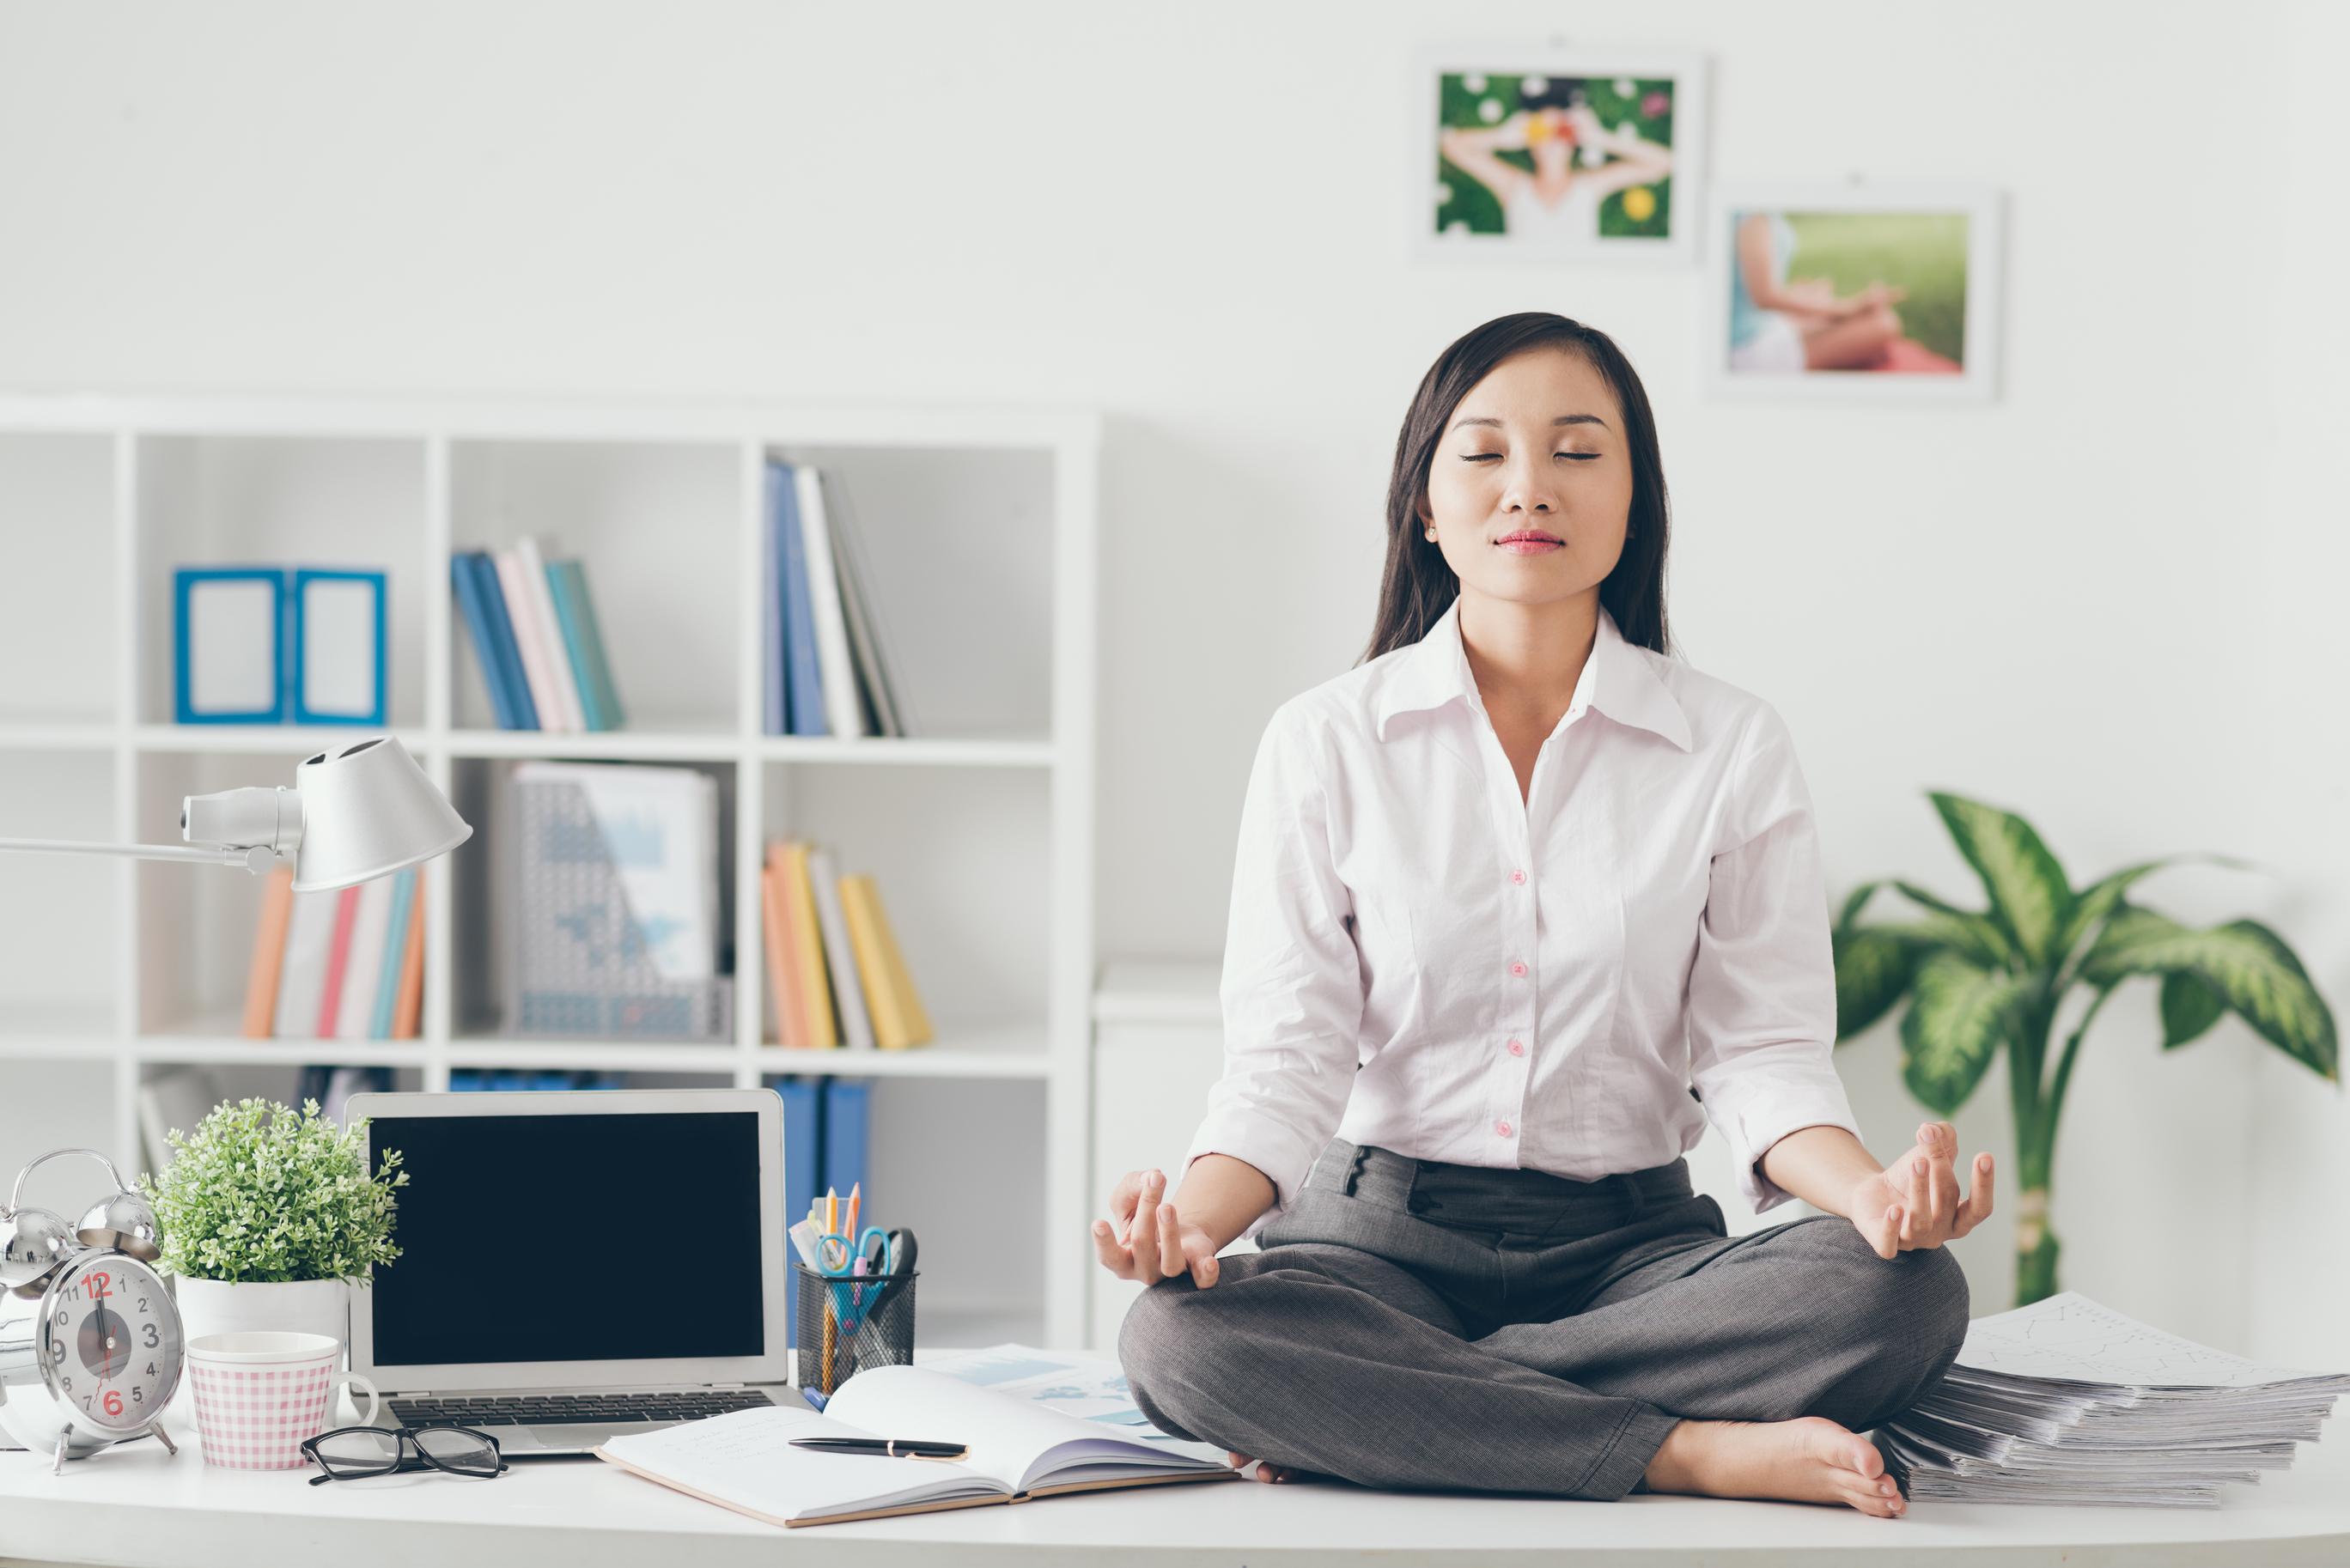 Kvinde Lytter Til Gratis Meditation